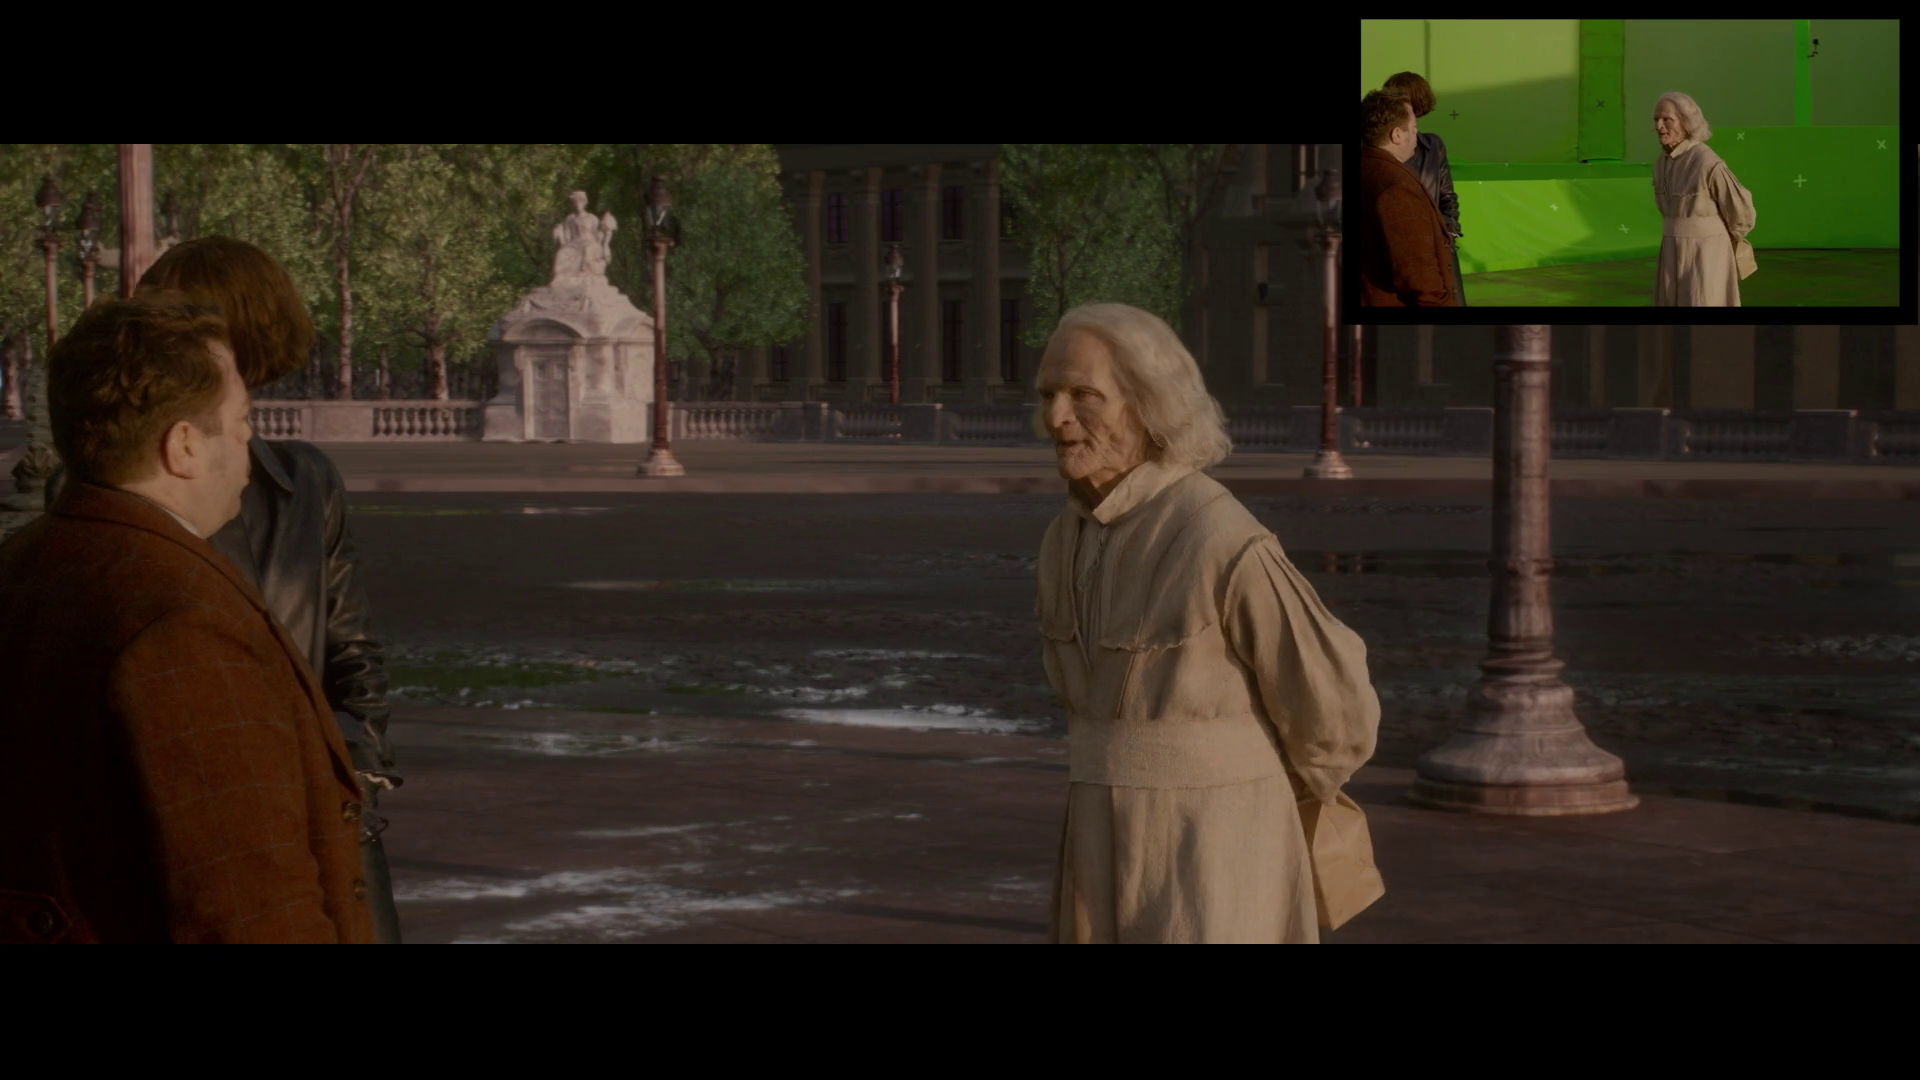 Nicolau Flamel aparece com um saco de pão nas costas indo em direção aos outros personagens.